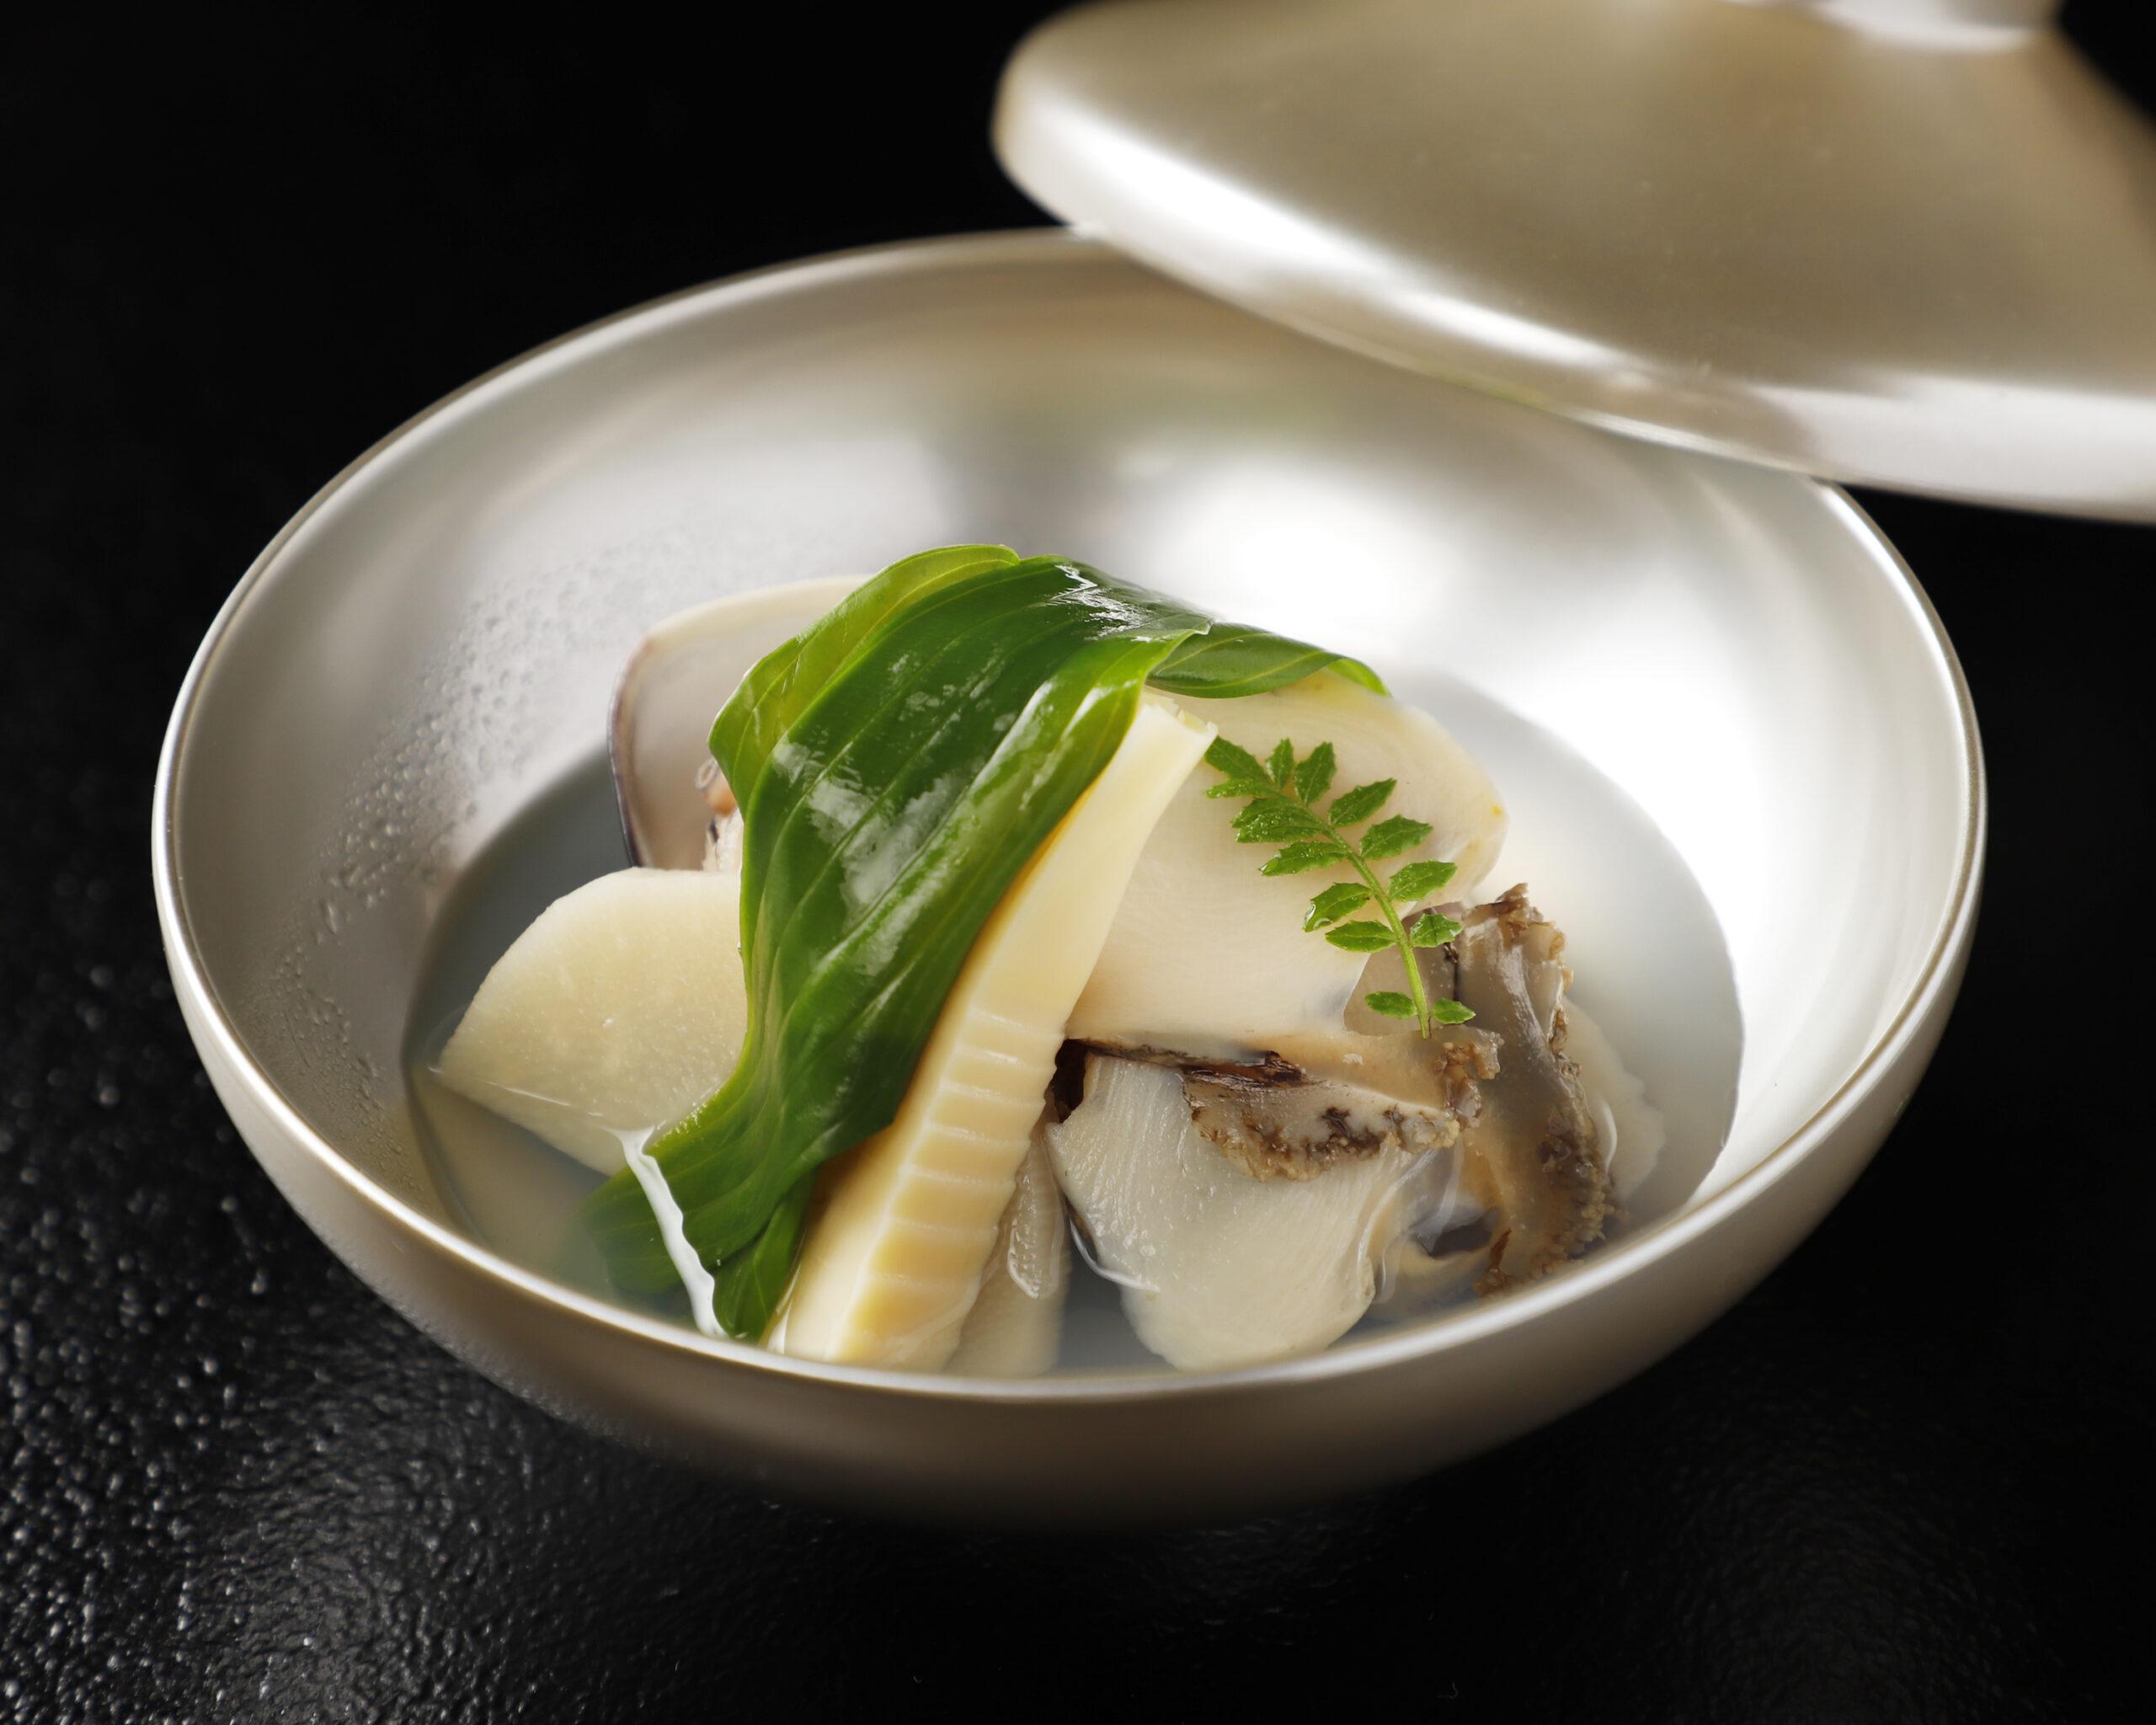 昼の部【旬の味覚ランチ】<p>四季折々の味覚をコース仕立てでご用意いたします。 旬の食材をたっぷりとお楽しみいただけます。</p>